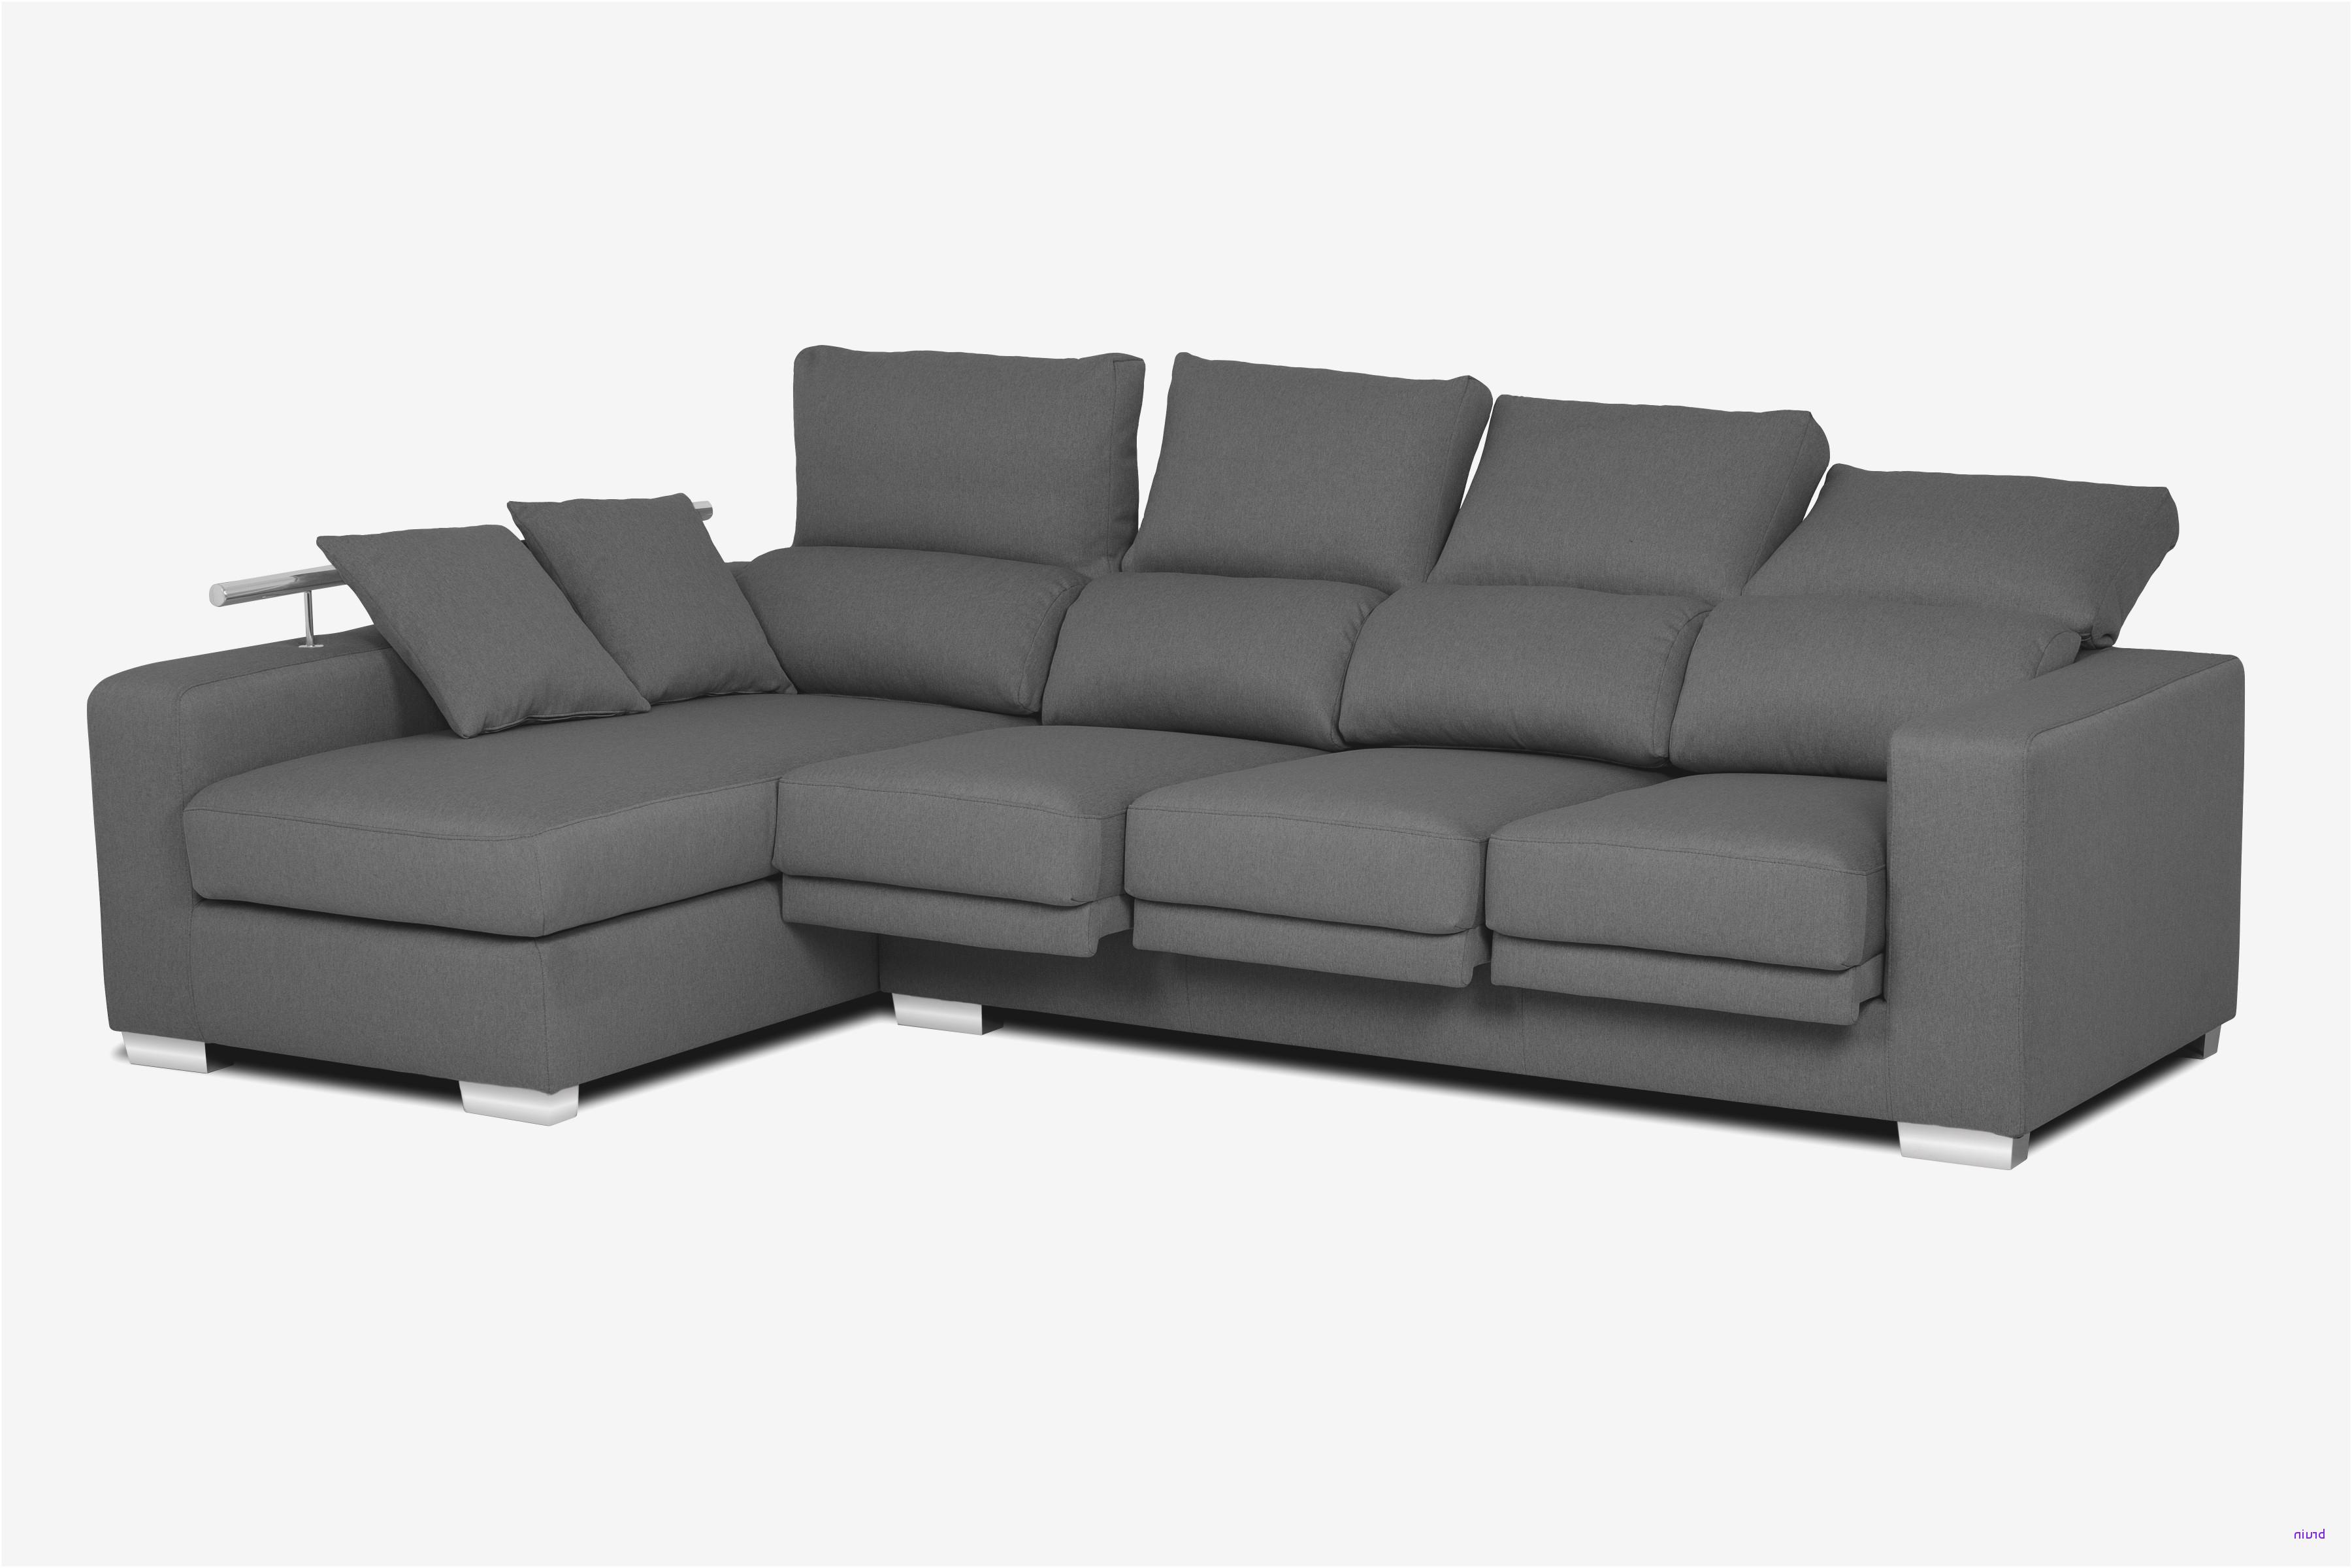 Sofas Chaise Longue Conforama H9d9 Exquis Chaises Chez Conforama Ou 25 Inspirador sofa Cama Conforama